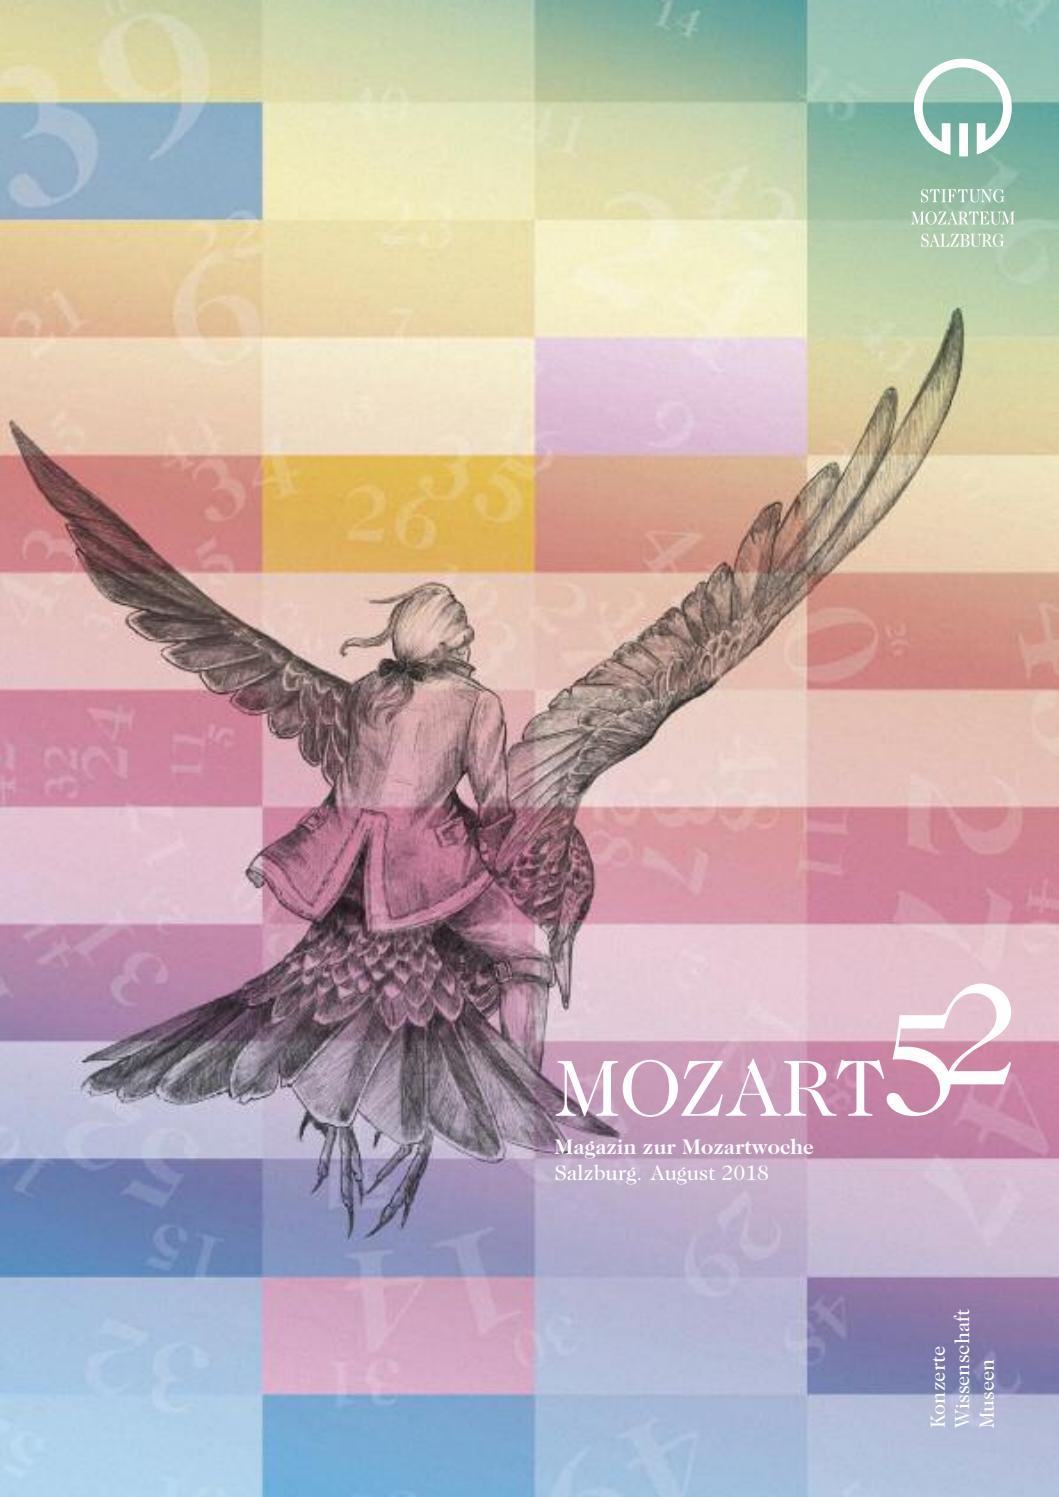 Mozart 52 Magazin zur Mozartwoche / Mozart Week / 2019 / Stiftung ...